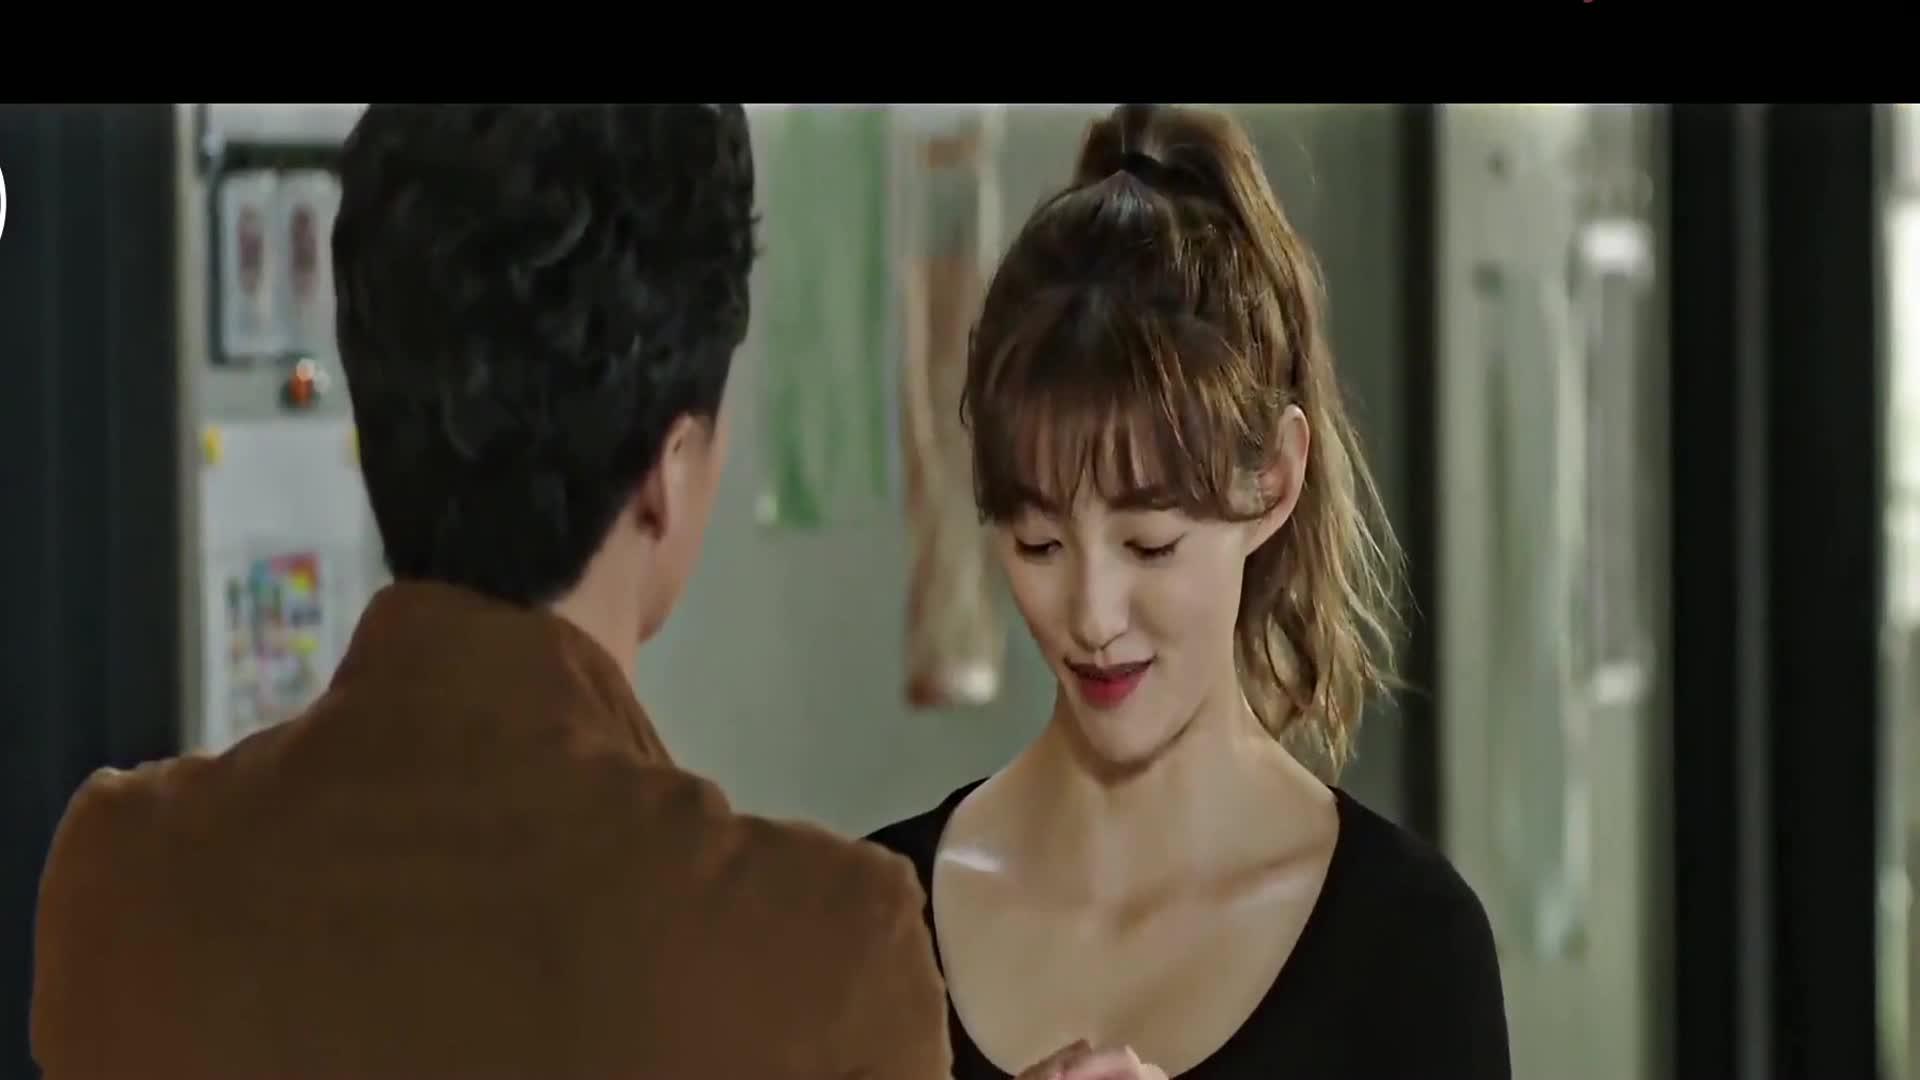 #韩国伦理《风风风》#韩国伦理电影《风风风》,女主让人大饱眼福,看了十遍